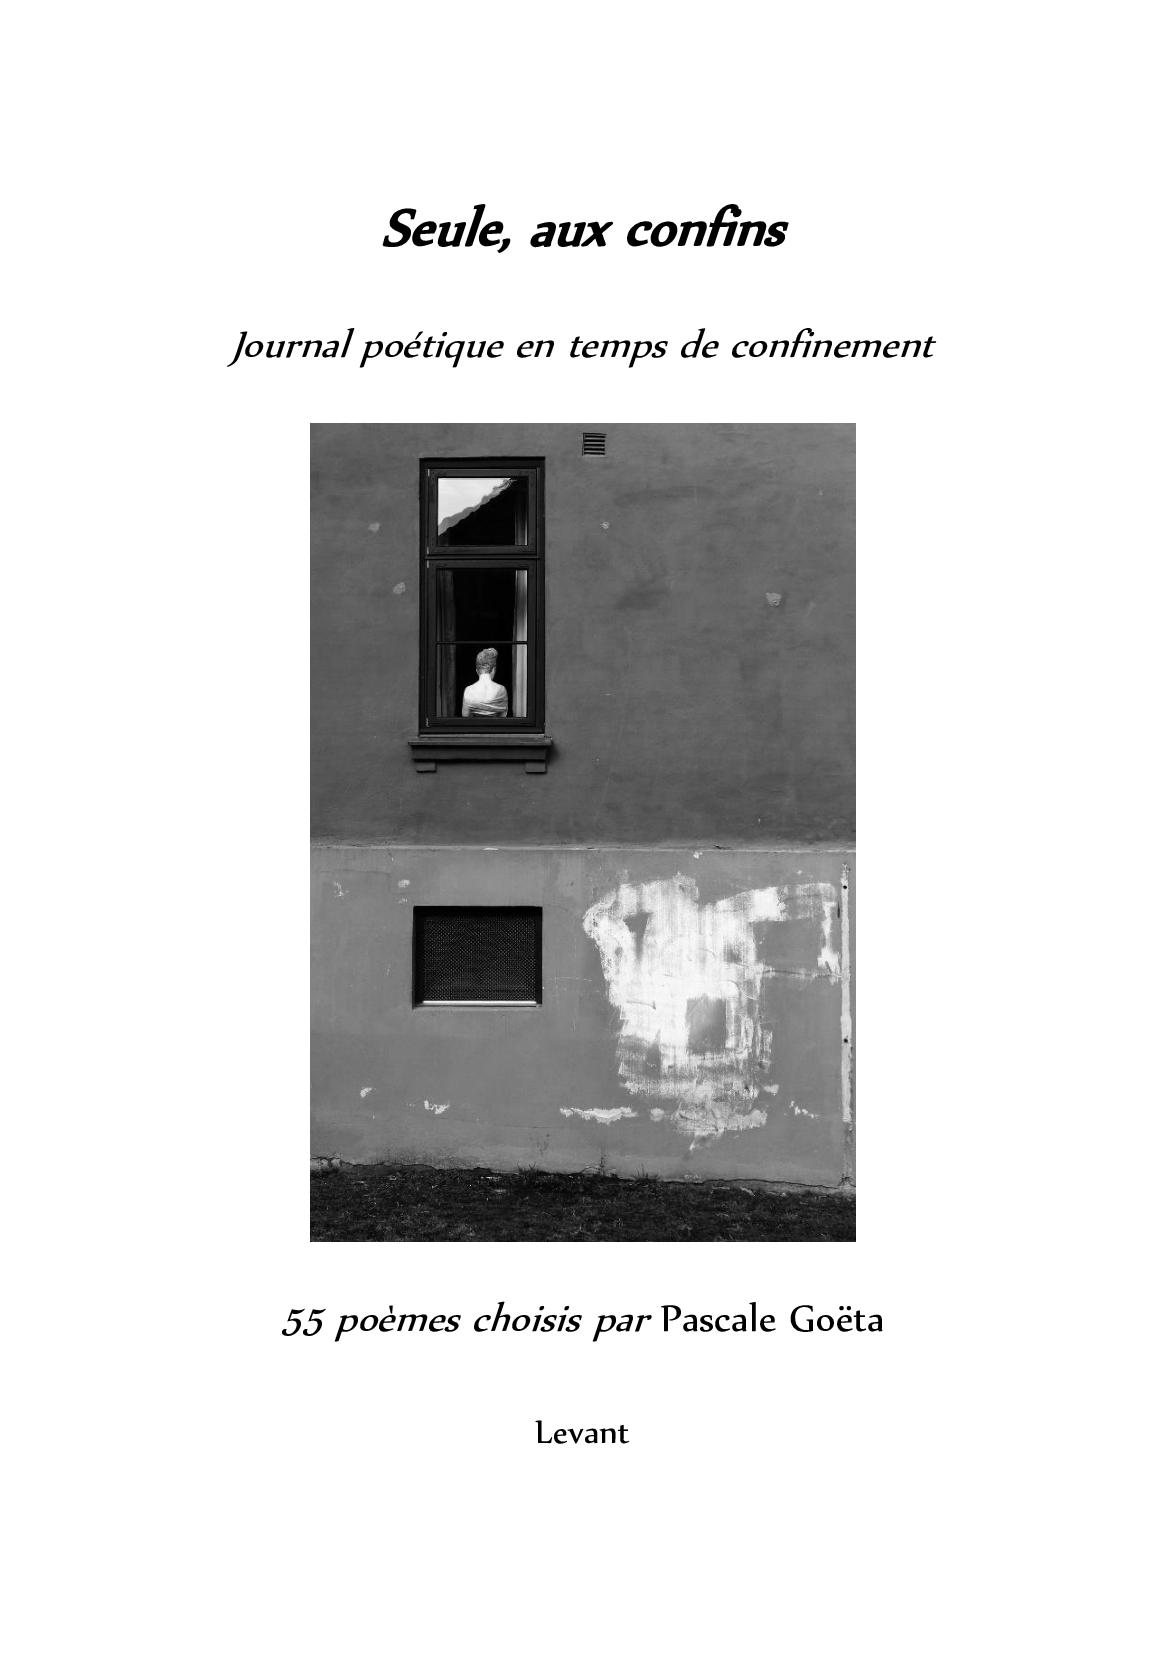 Recueil de poèmes de Pascale Goëta